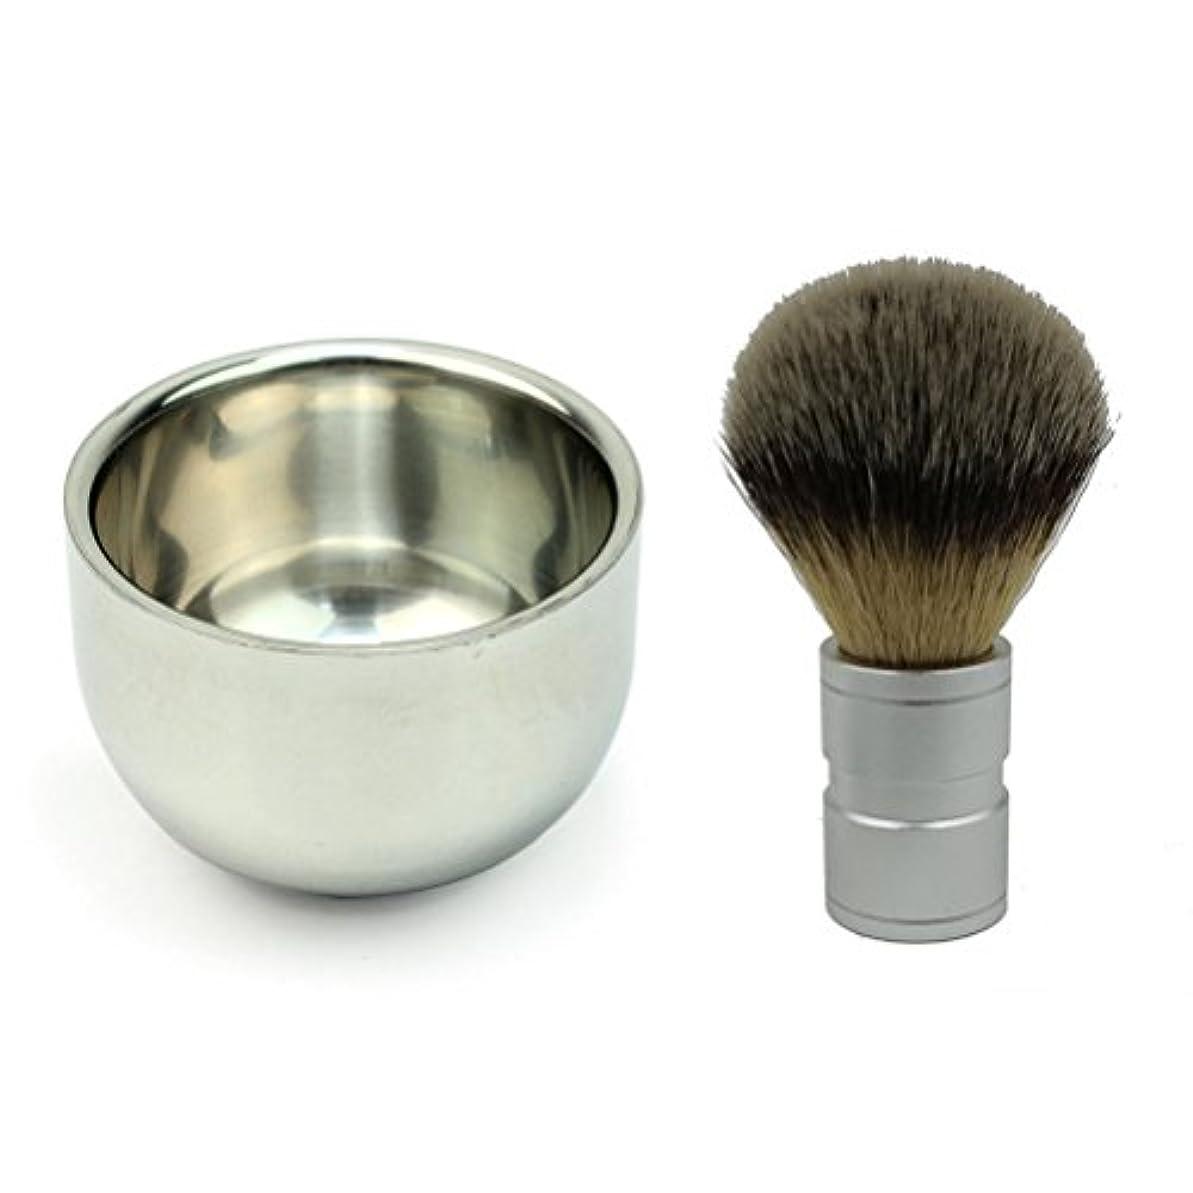 実験室神秘的な単調なROSENICE ステンレス鋼剃るボウル マグとアナグマ毛シェービング ブラシ